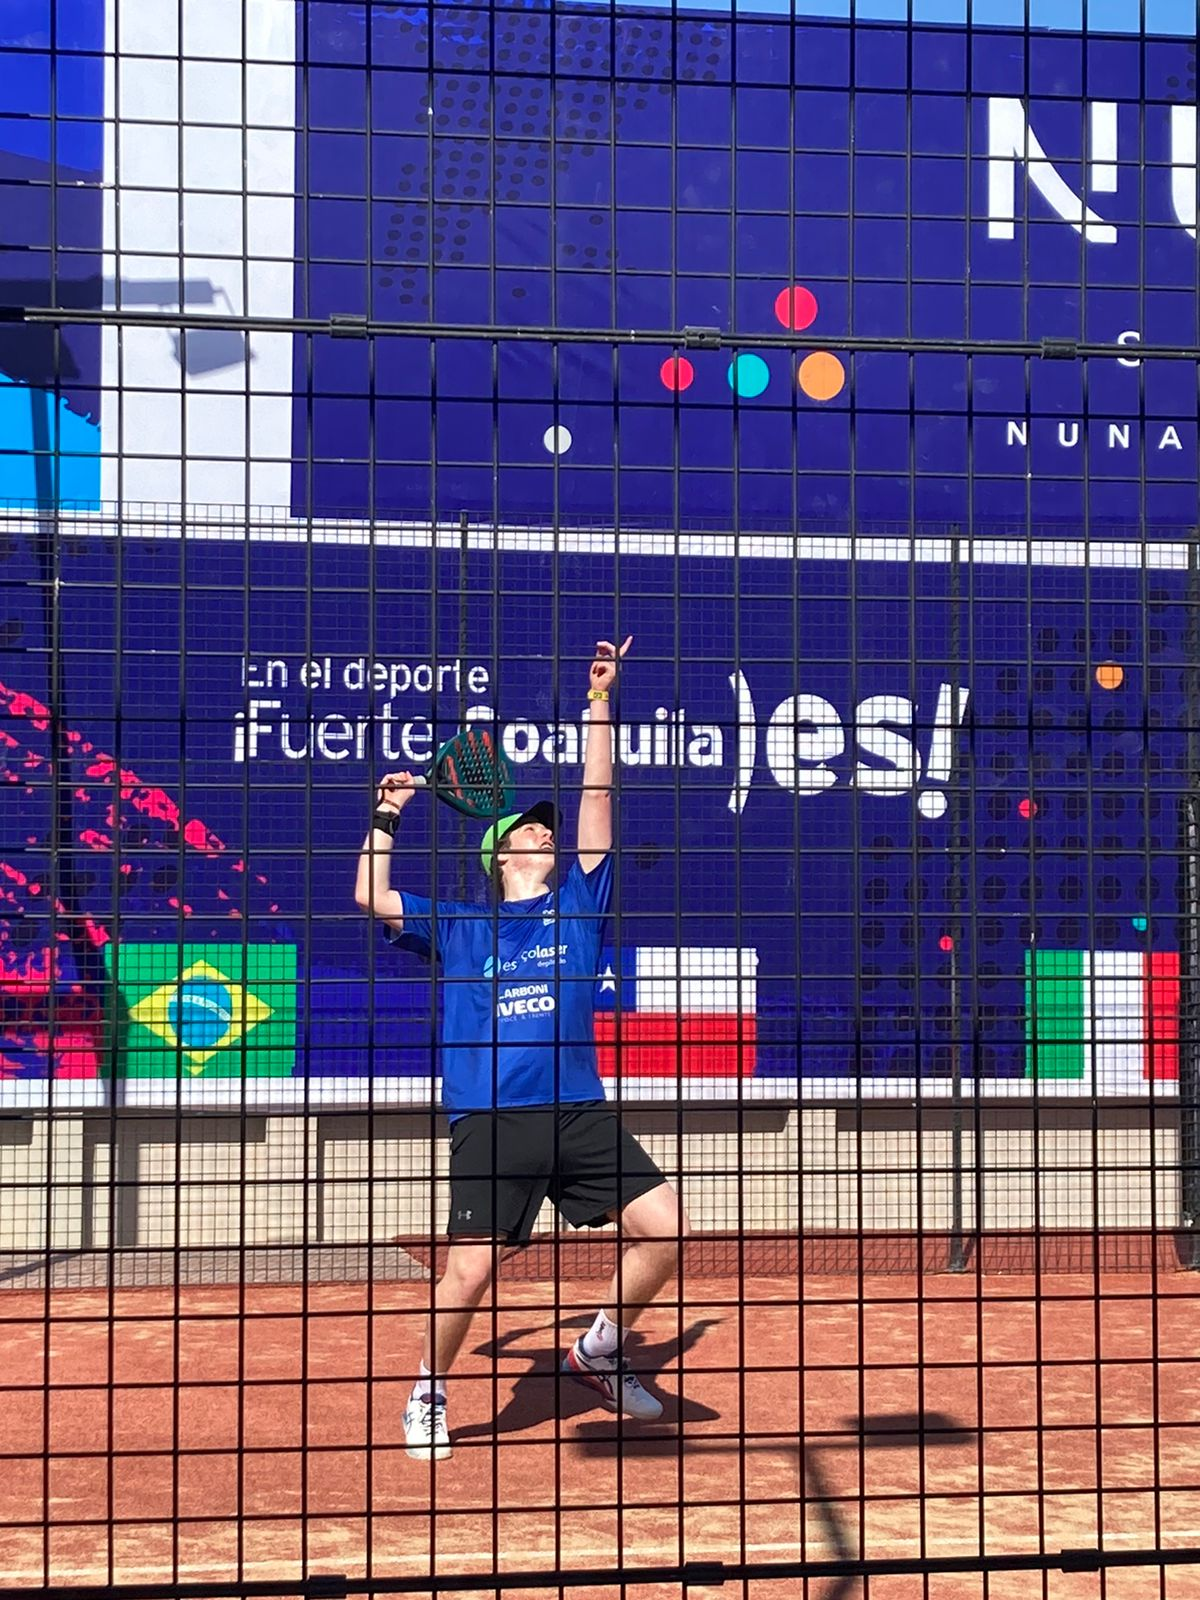 Atleta Patrocinado pela Carboni Iveco disputa Campeonato Mundial Junior de Padel 31348ca3 639a 4607 a2be b67bcdec7c13